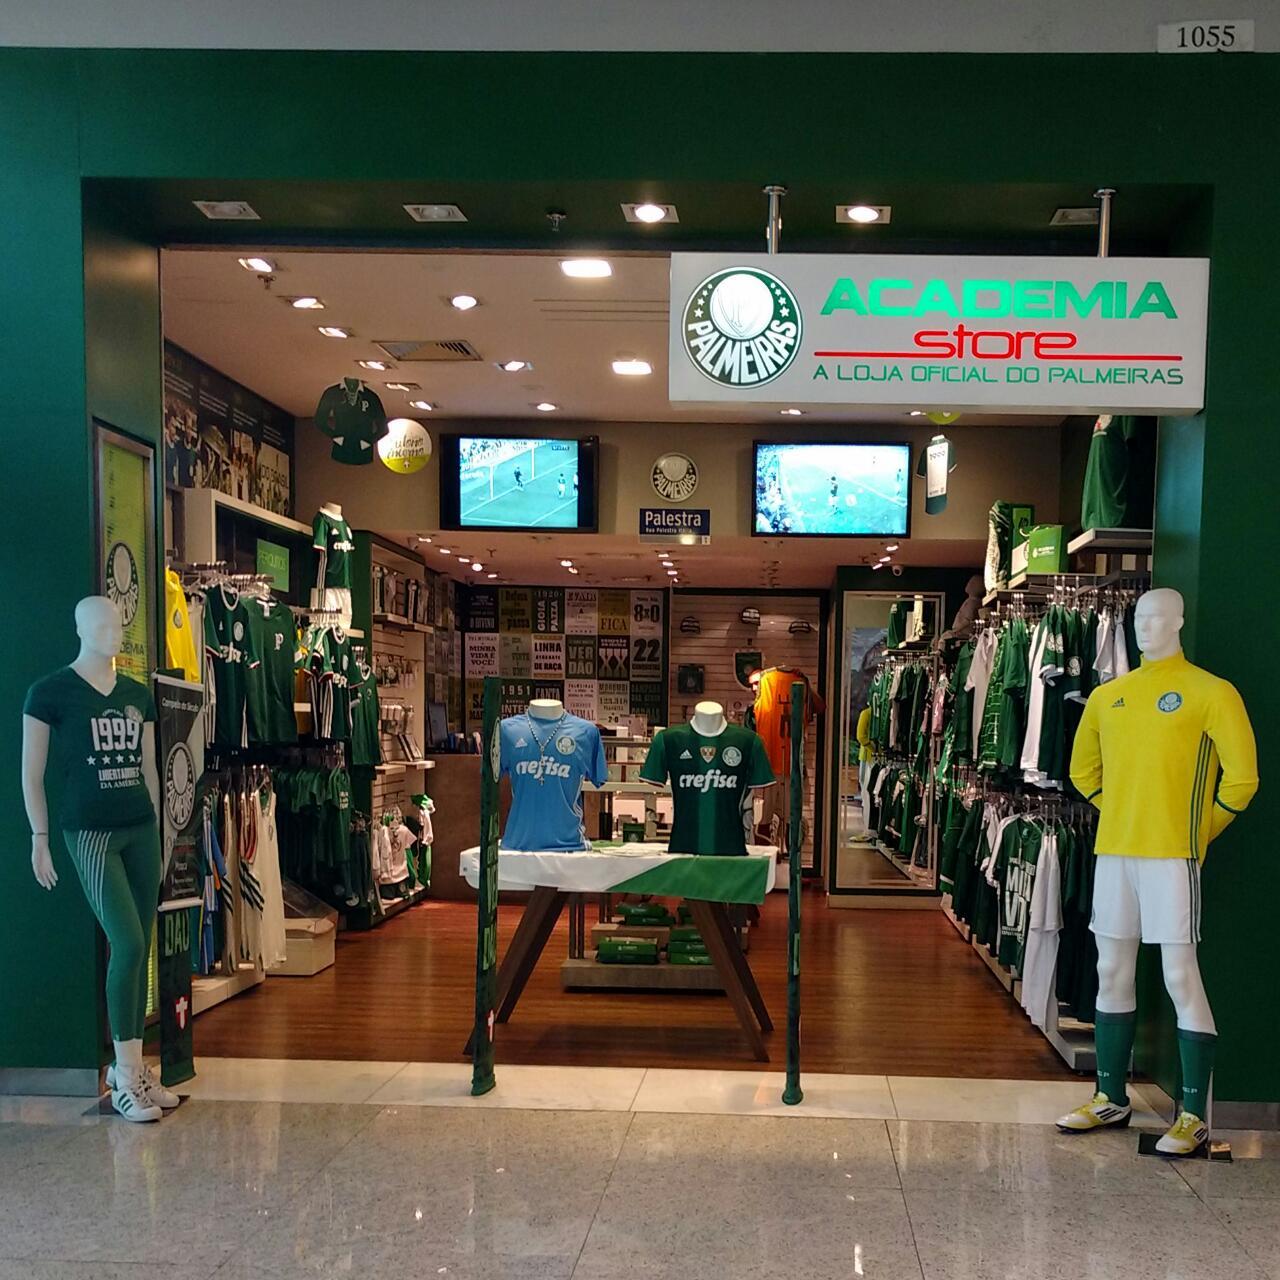 11af955caf277 Ganhadora da promoção de loja oficial se prepara para ver estreia do ...